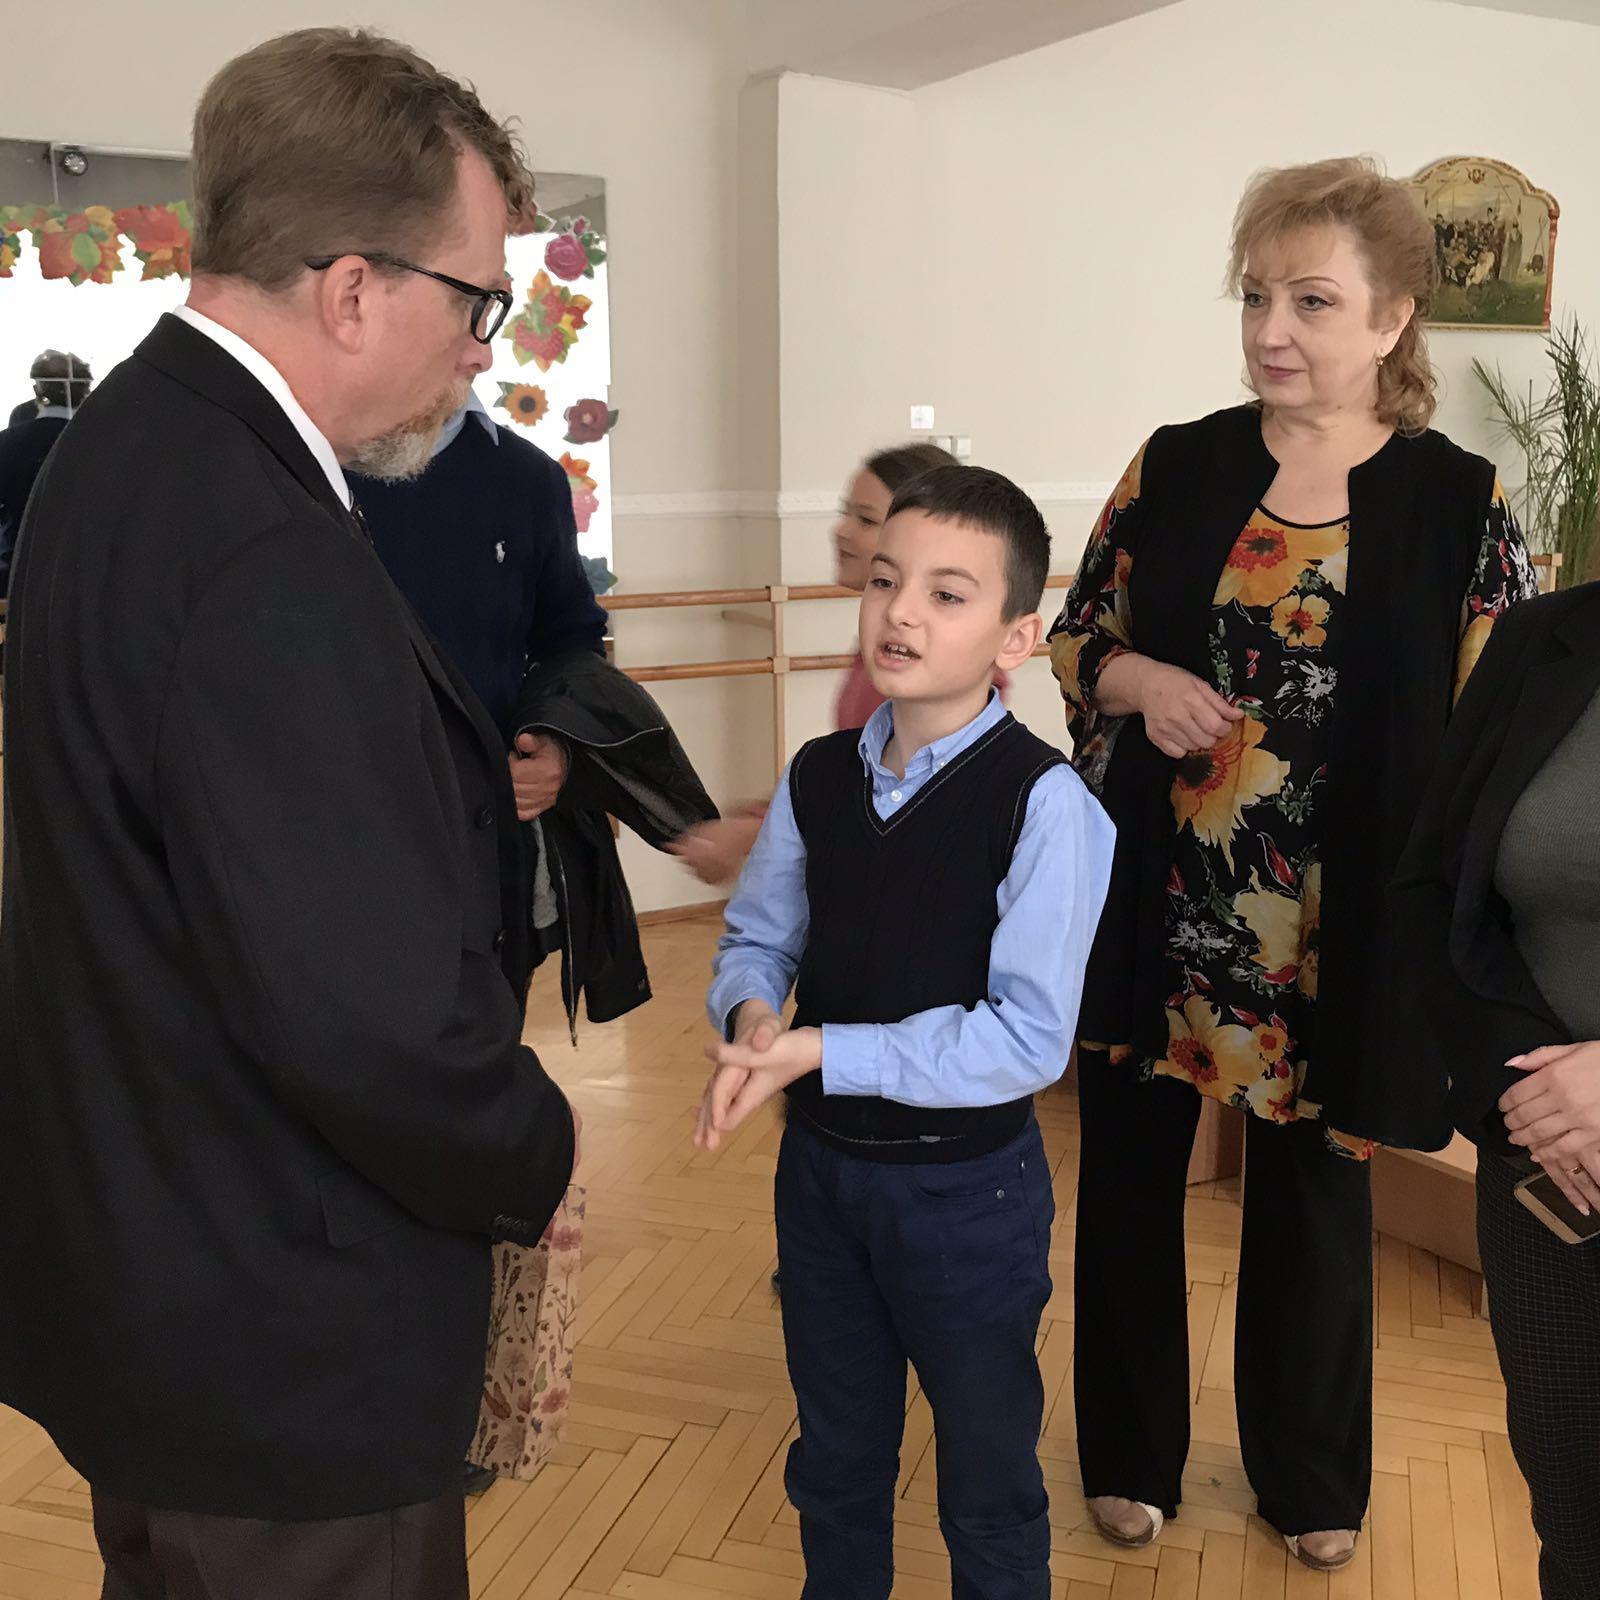 276543 Учні шкіл Броварів зустрілися з представником американського міста-побратима Рокфорда